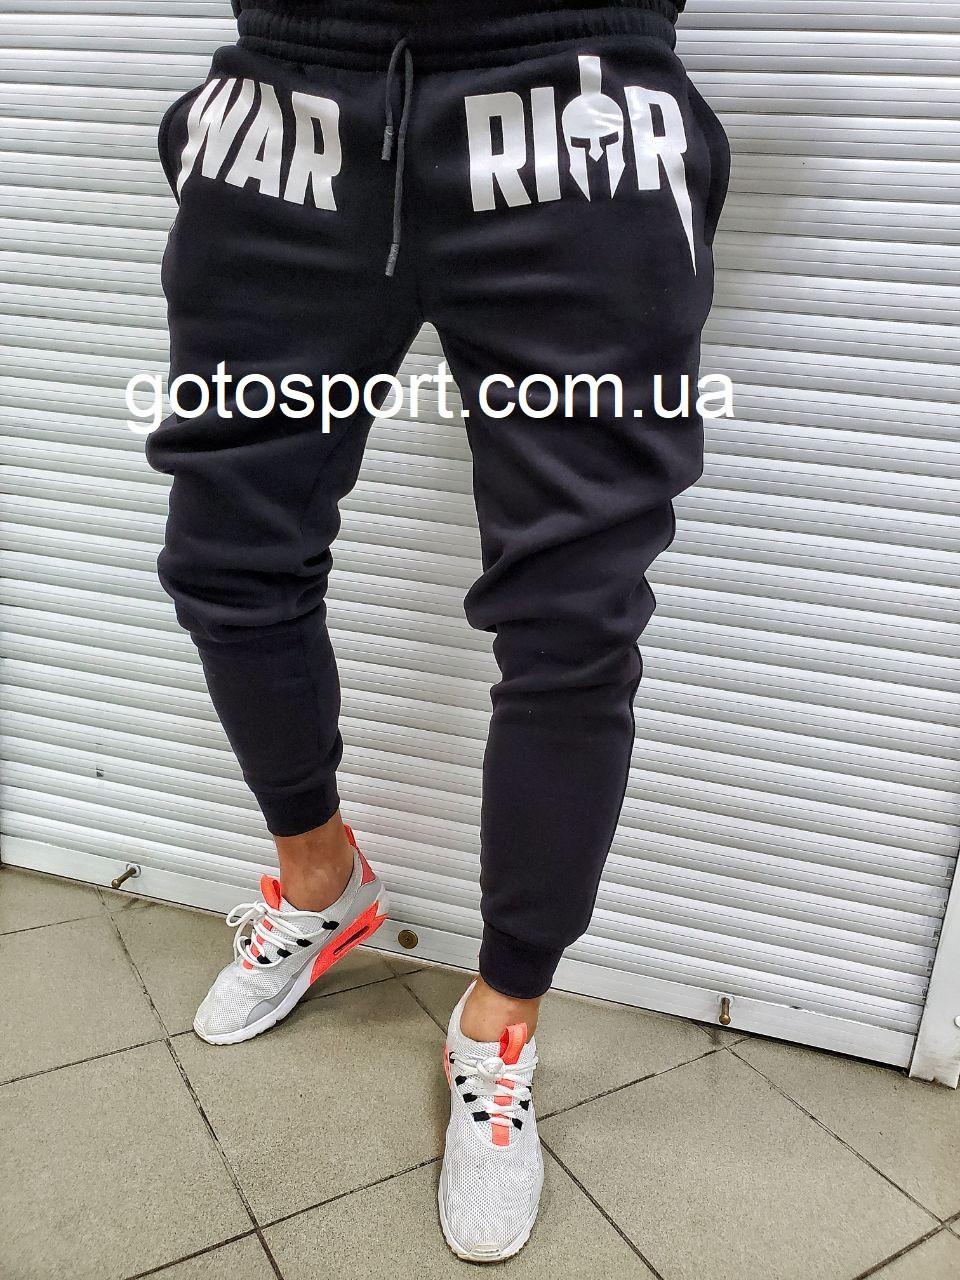 Теплі чоловічі спортивні штани Warior